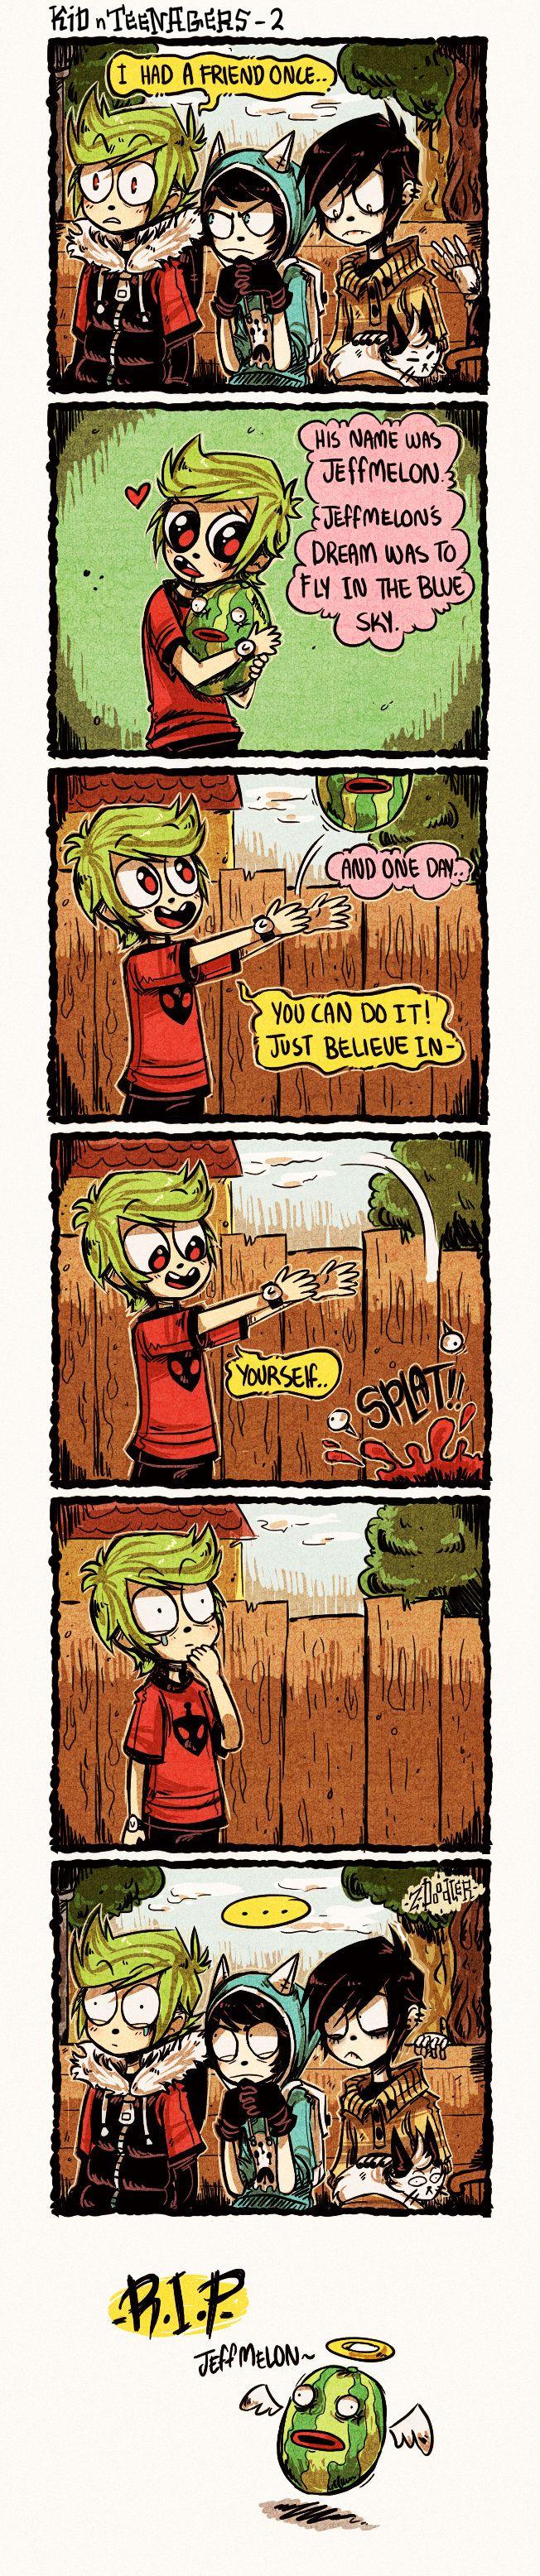 +KnT - Ted's Tragic Story+ by Z-Doodler.deviantart.com on @DeviantArt